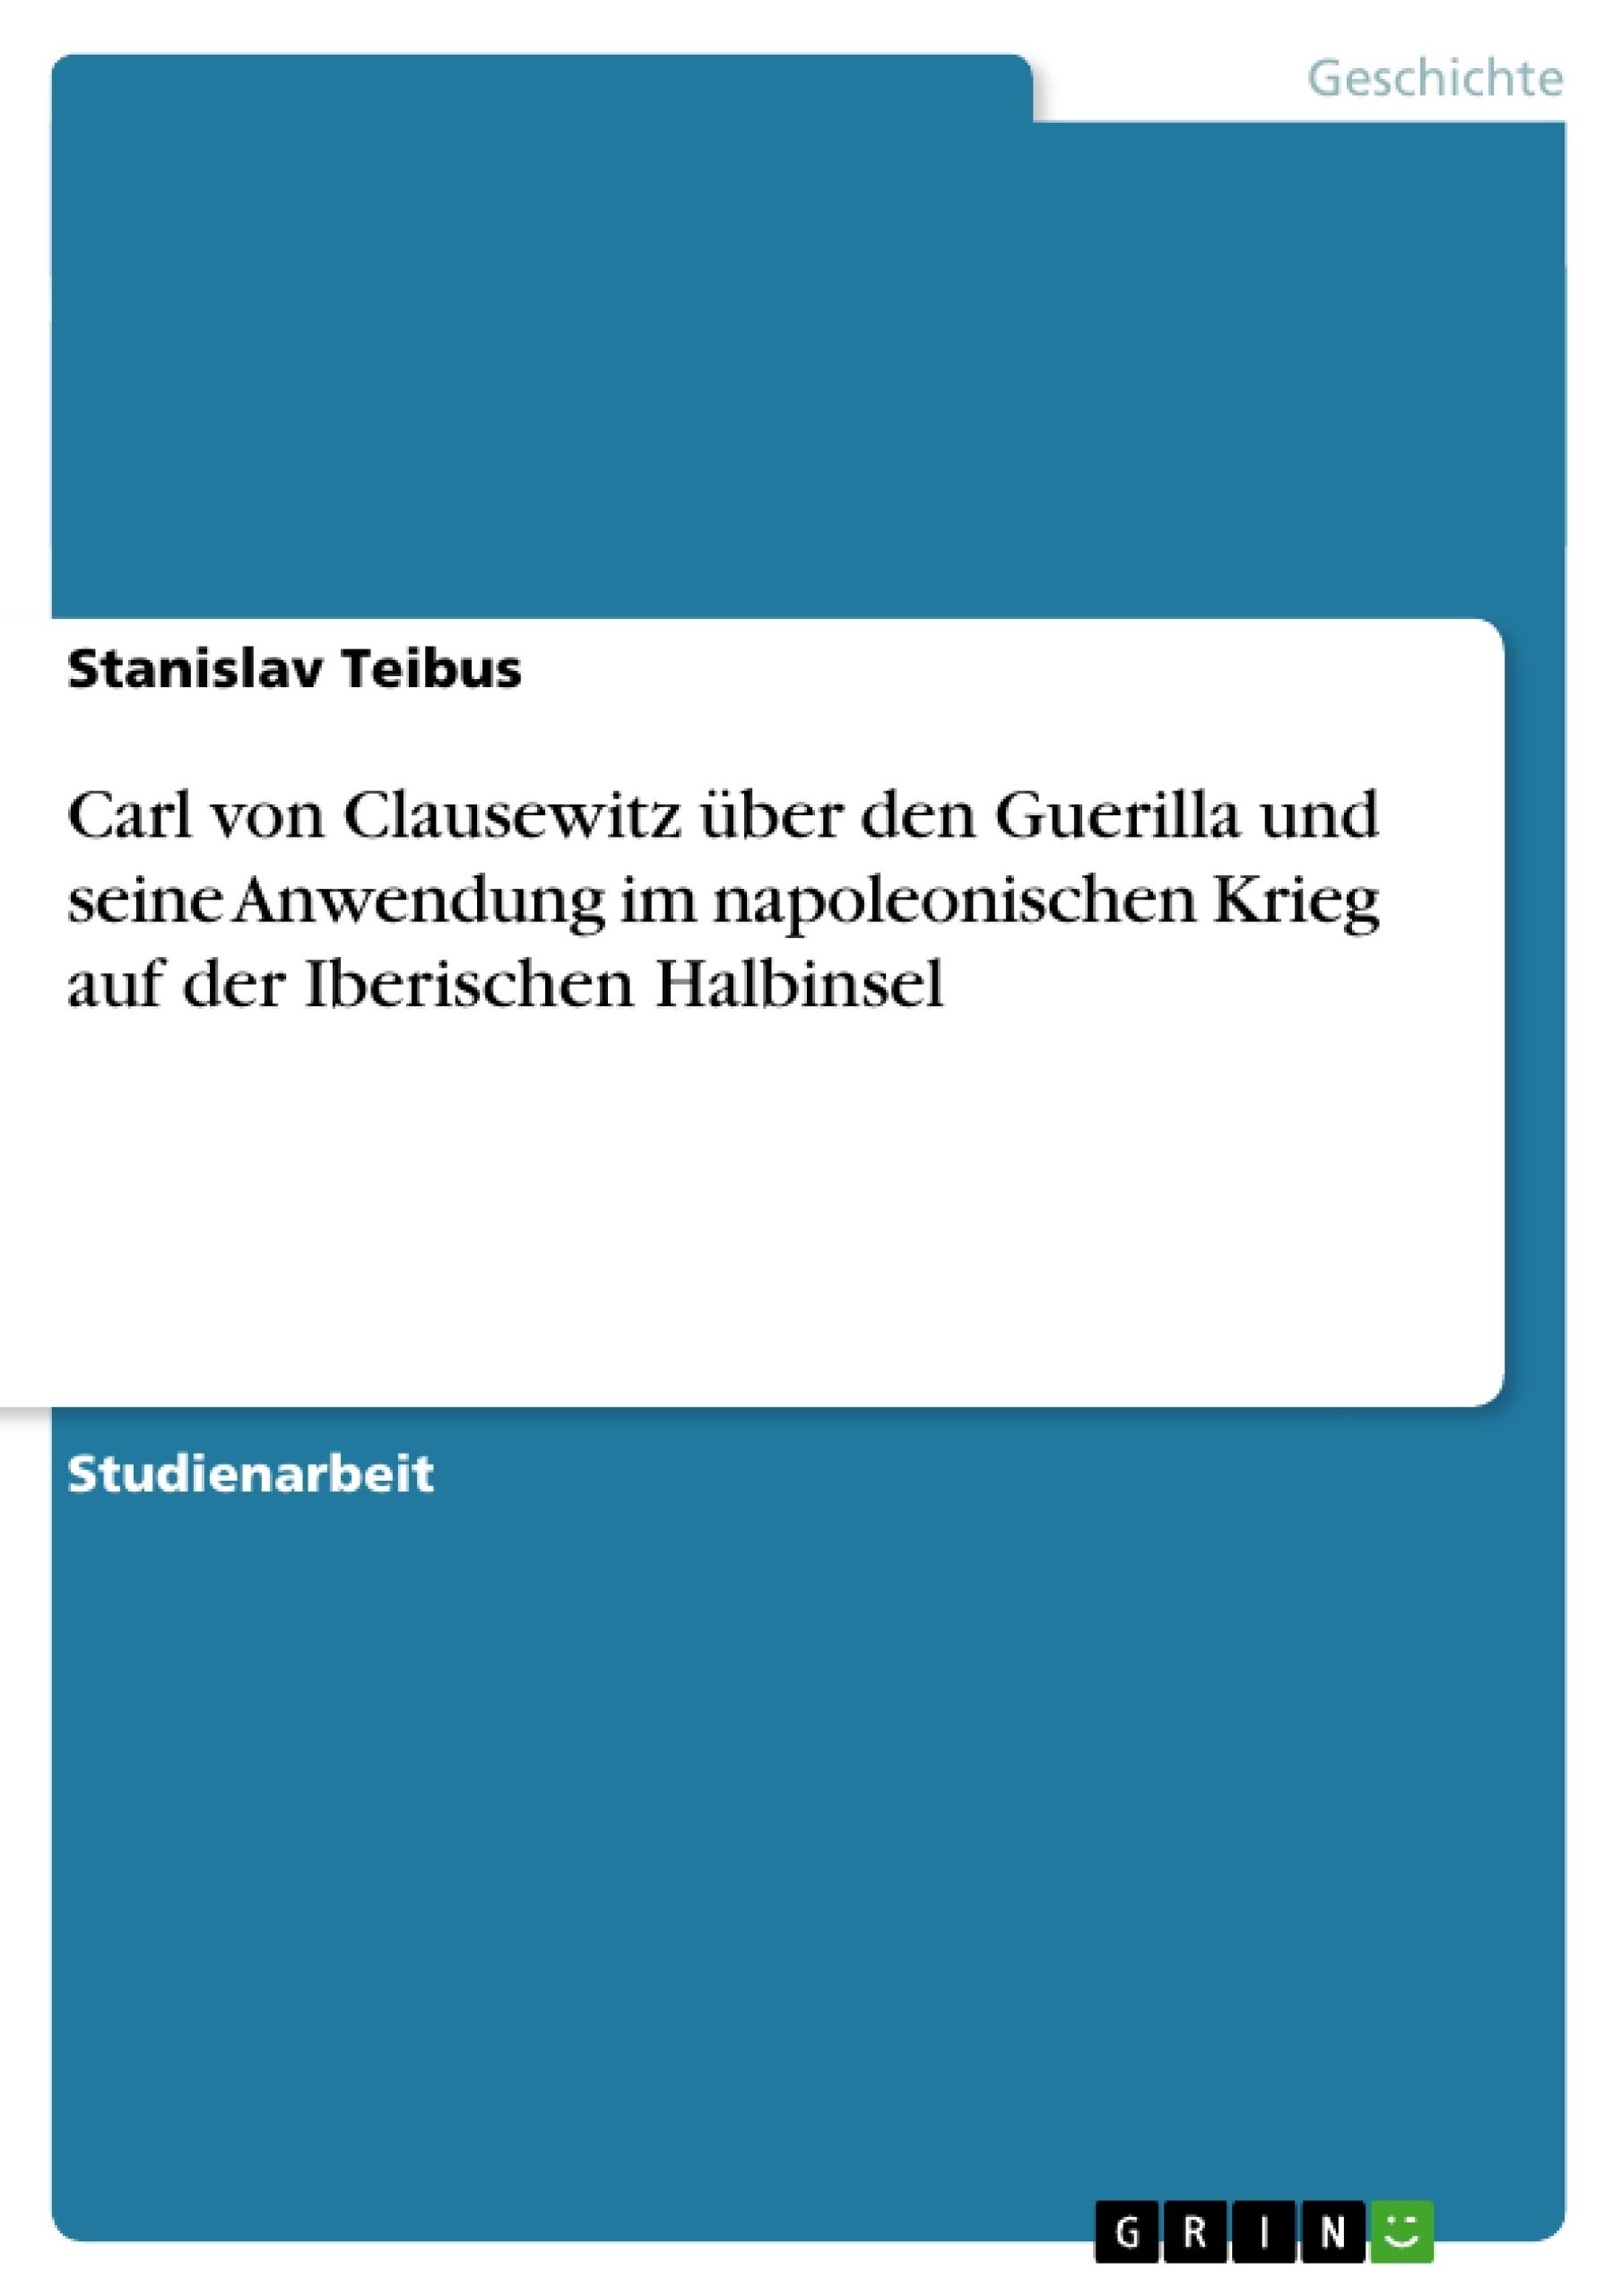 Titel: Carl von Clausewitz über den Guerilla und seine Anwendung im napoleonischen Krieg auf der Iberischen Halbinsel